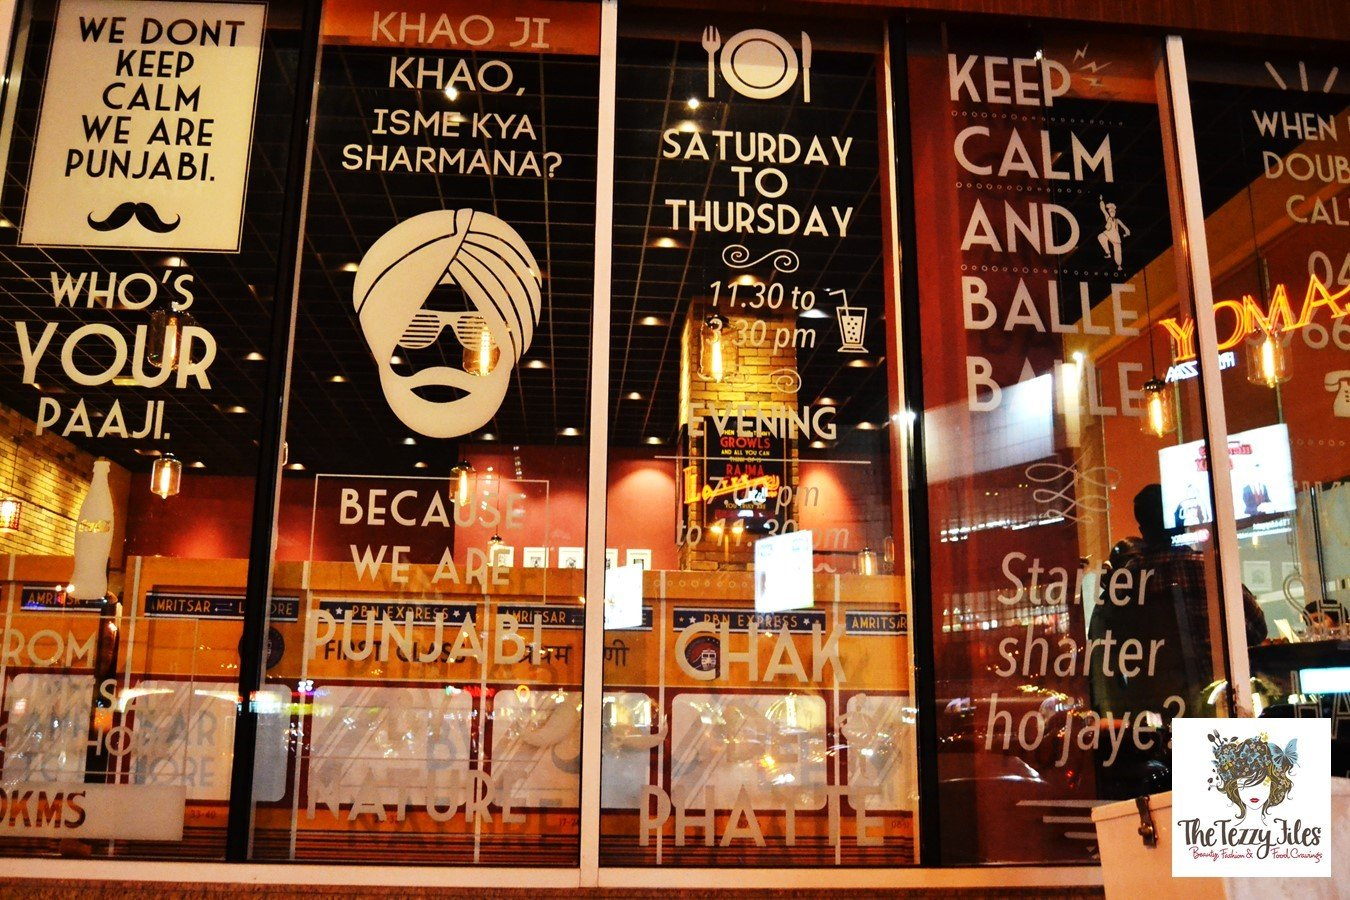 صورة مطعم بنجابي باي نيتشر